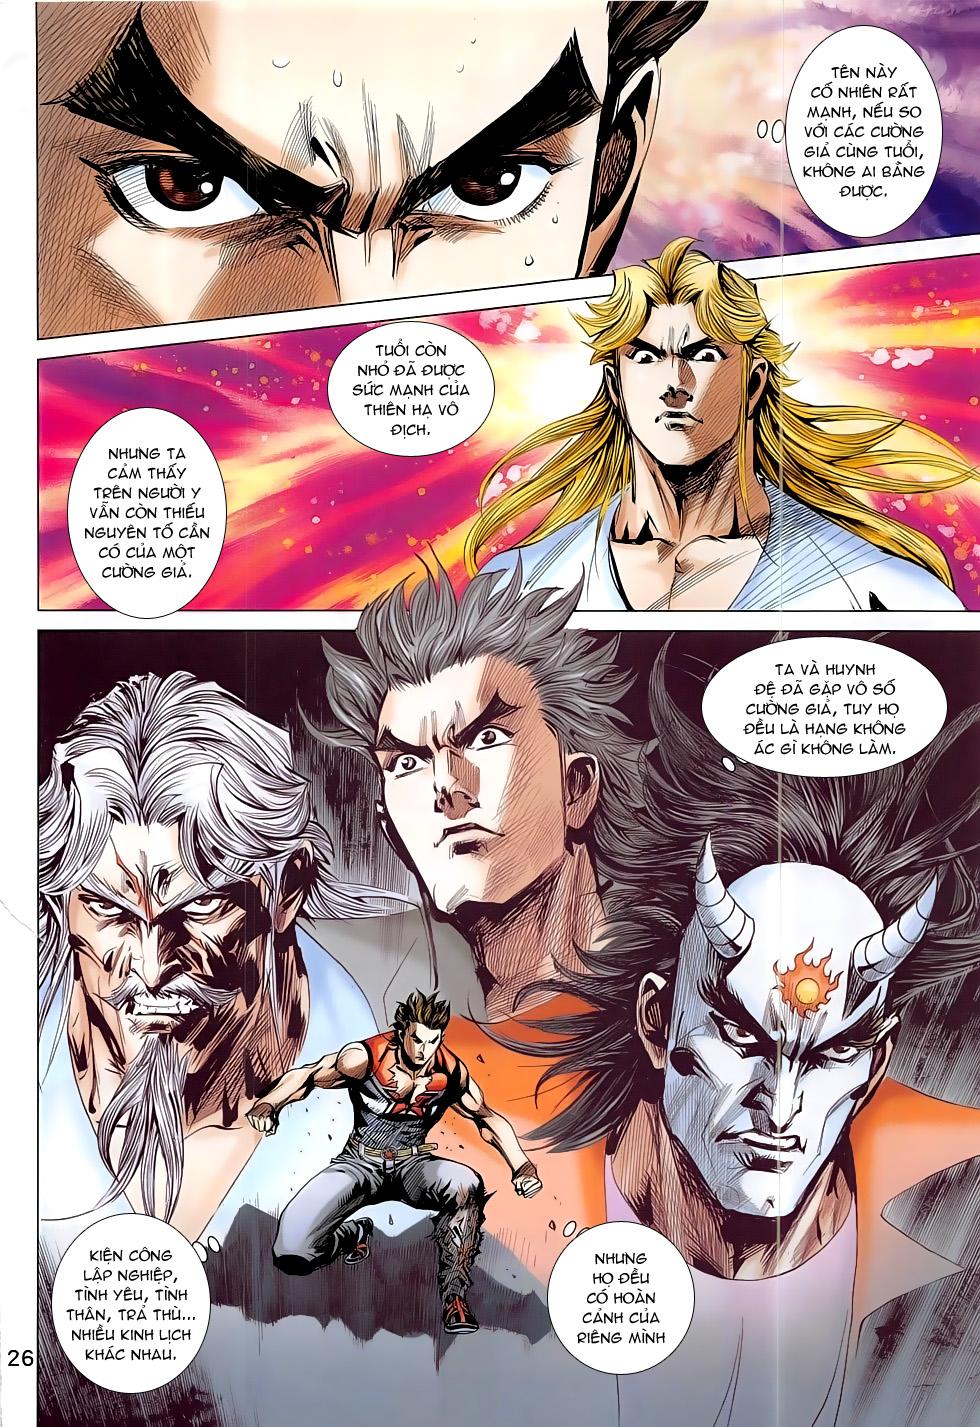 Đông Phương Chân Long chap 64 - Trang 26